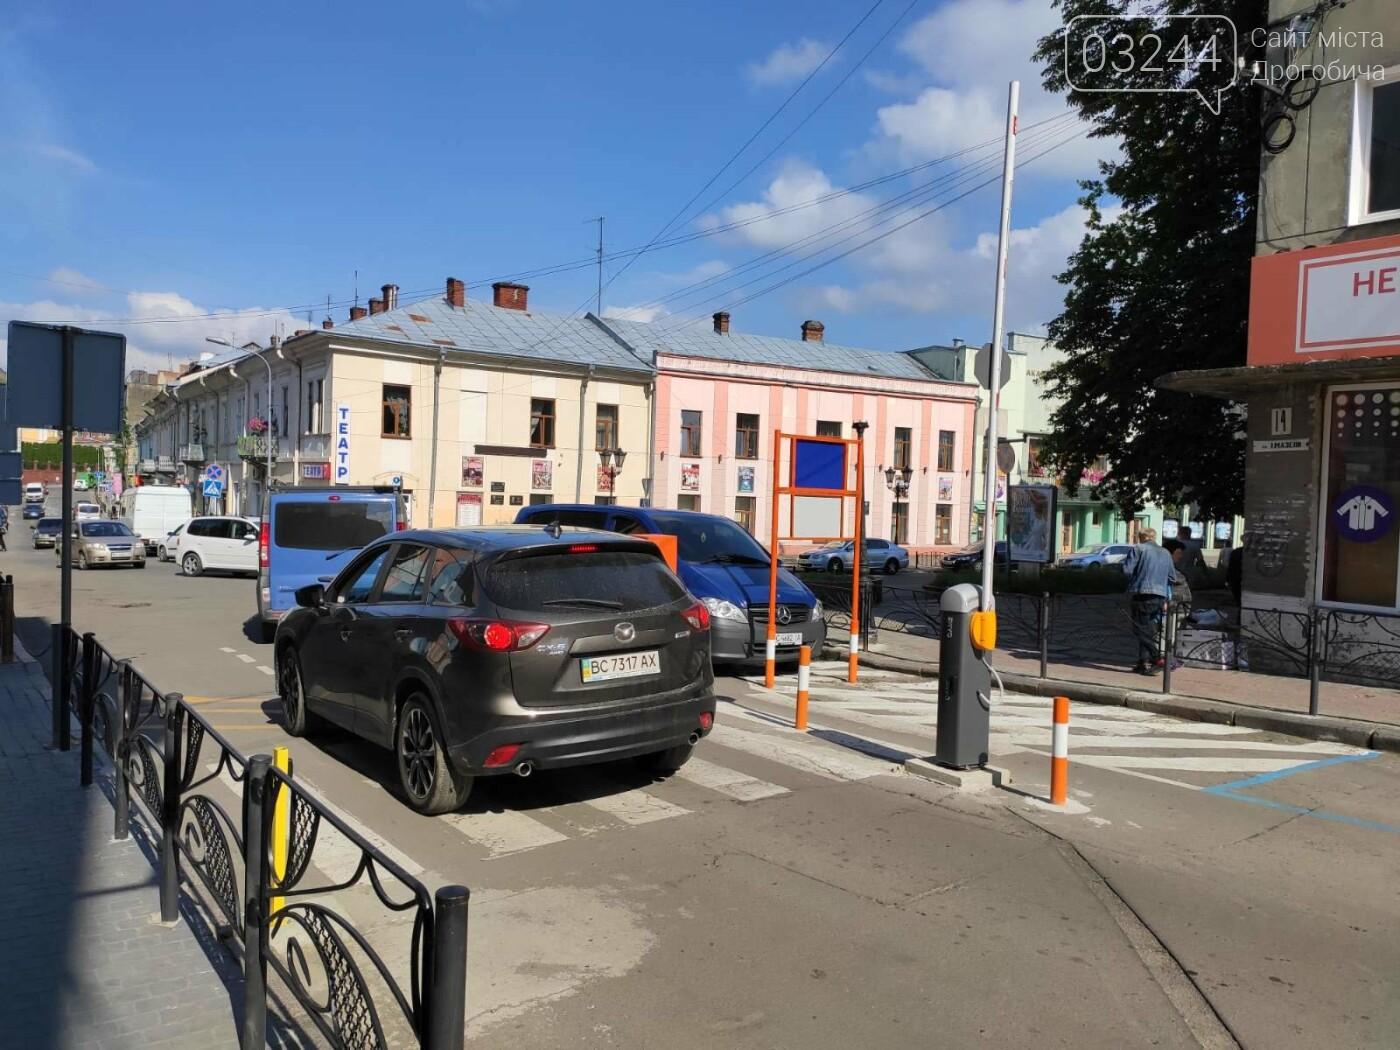 Фото дня. У Дрогобичі, на вулиці Мазепи, знову не працює шлагбаум паркувальної системи, фото-3